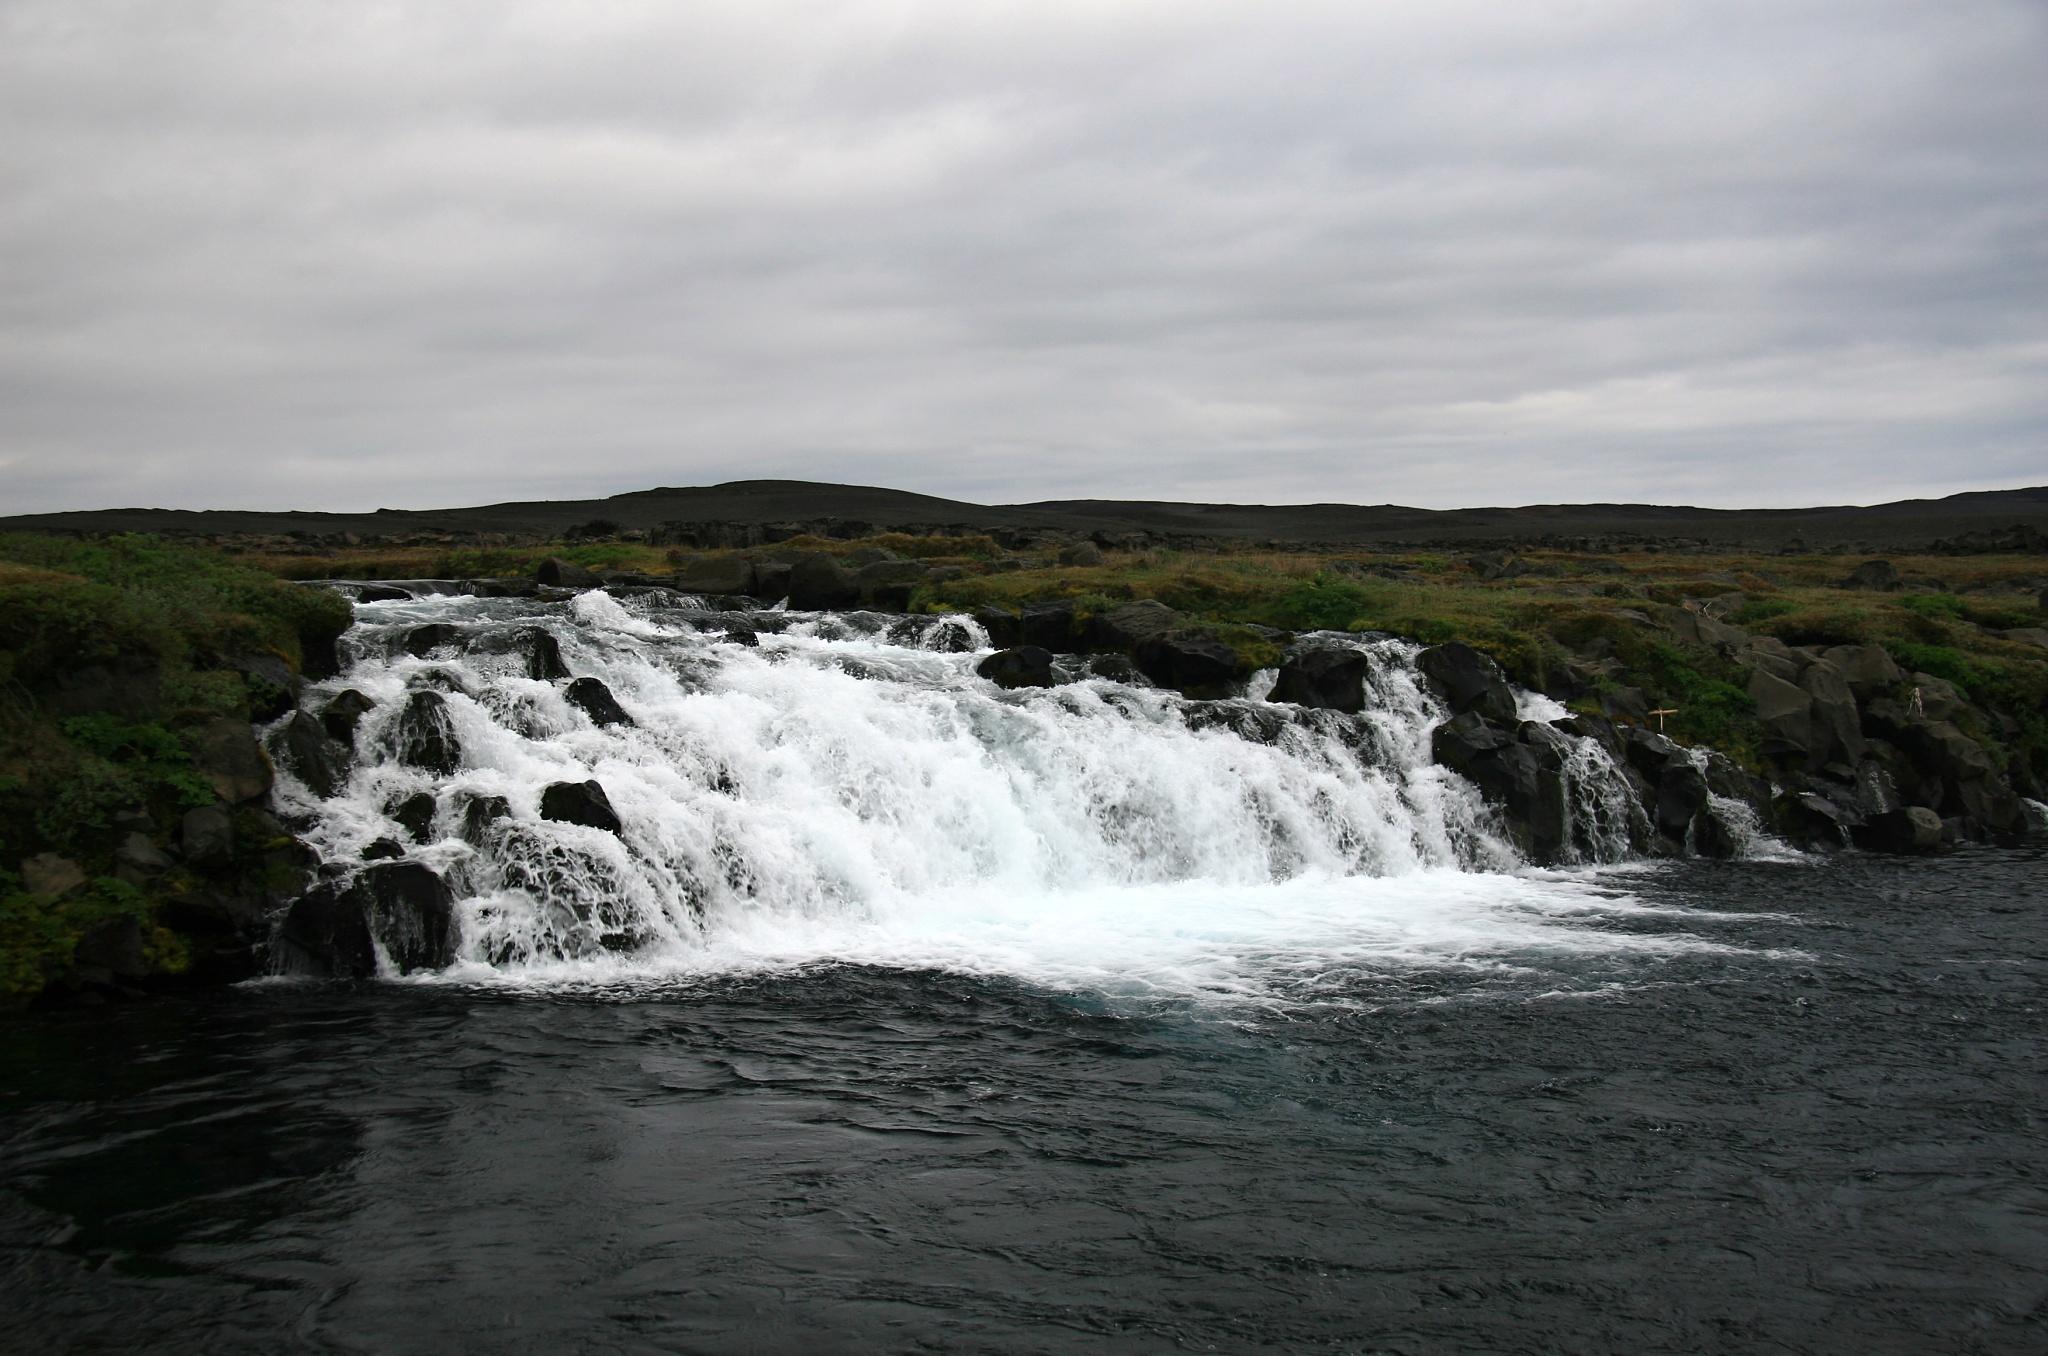 Malý vodopád na řece Grafarlandaá